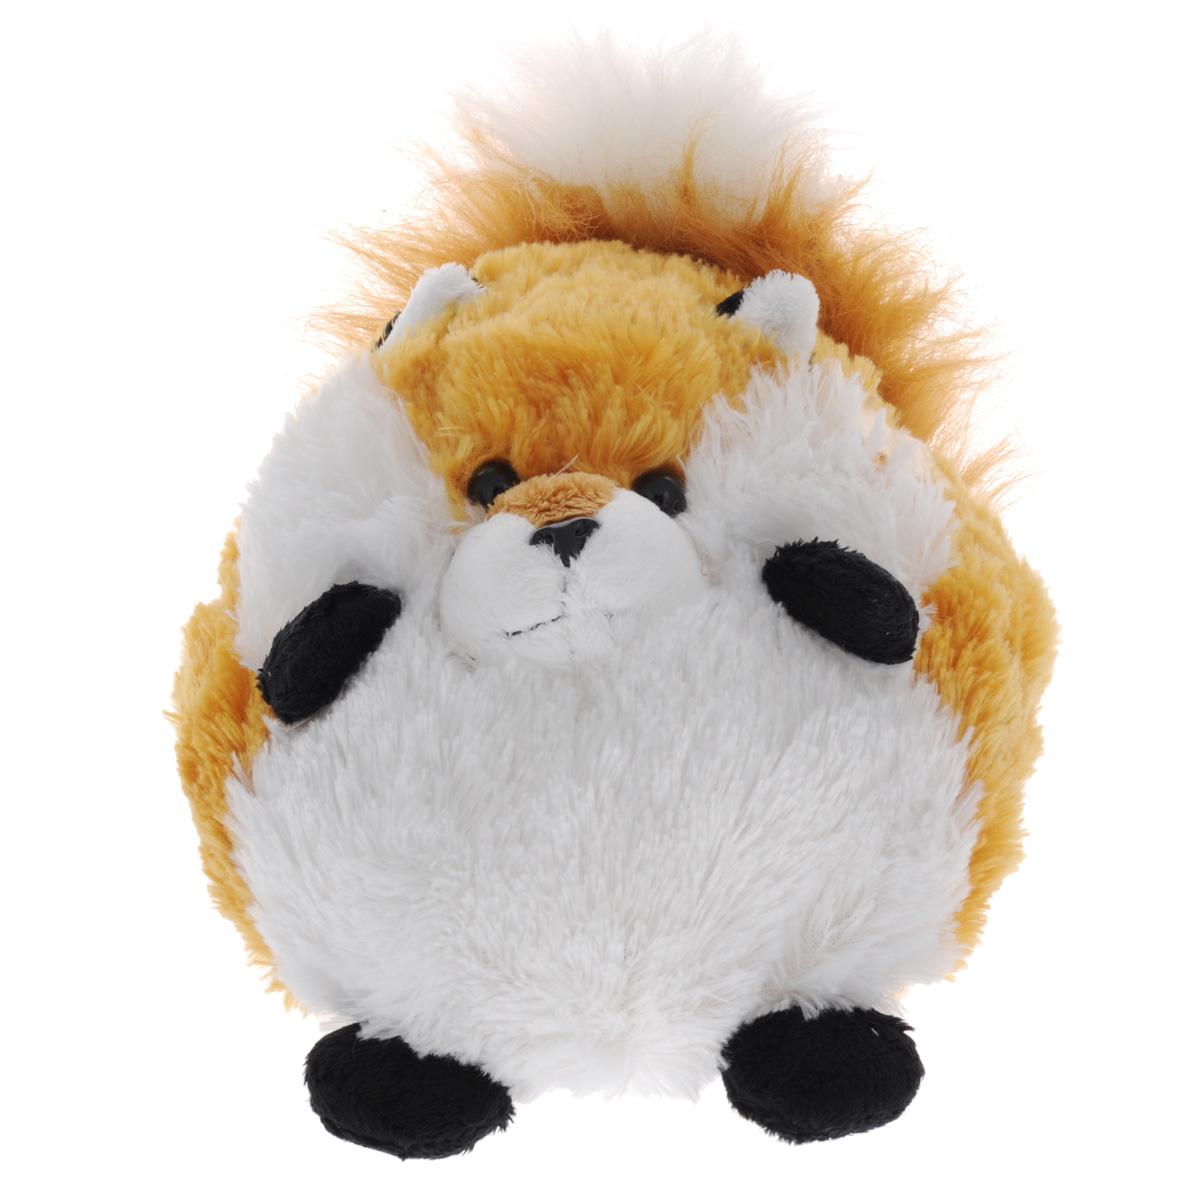 Мягкая игрушка Gulliver Пушистый хвостик: лисичка, 20 см мягкие игрушки gulliver игрушка перевертыш лисичка корова 35 см